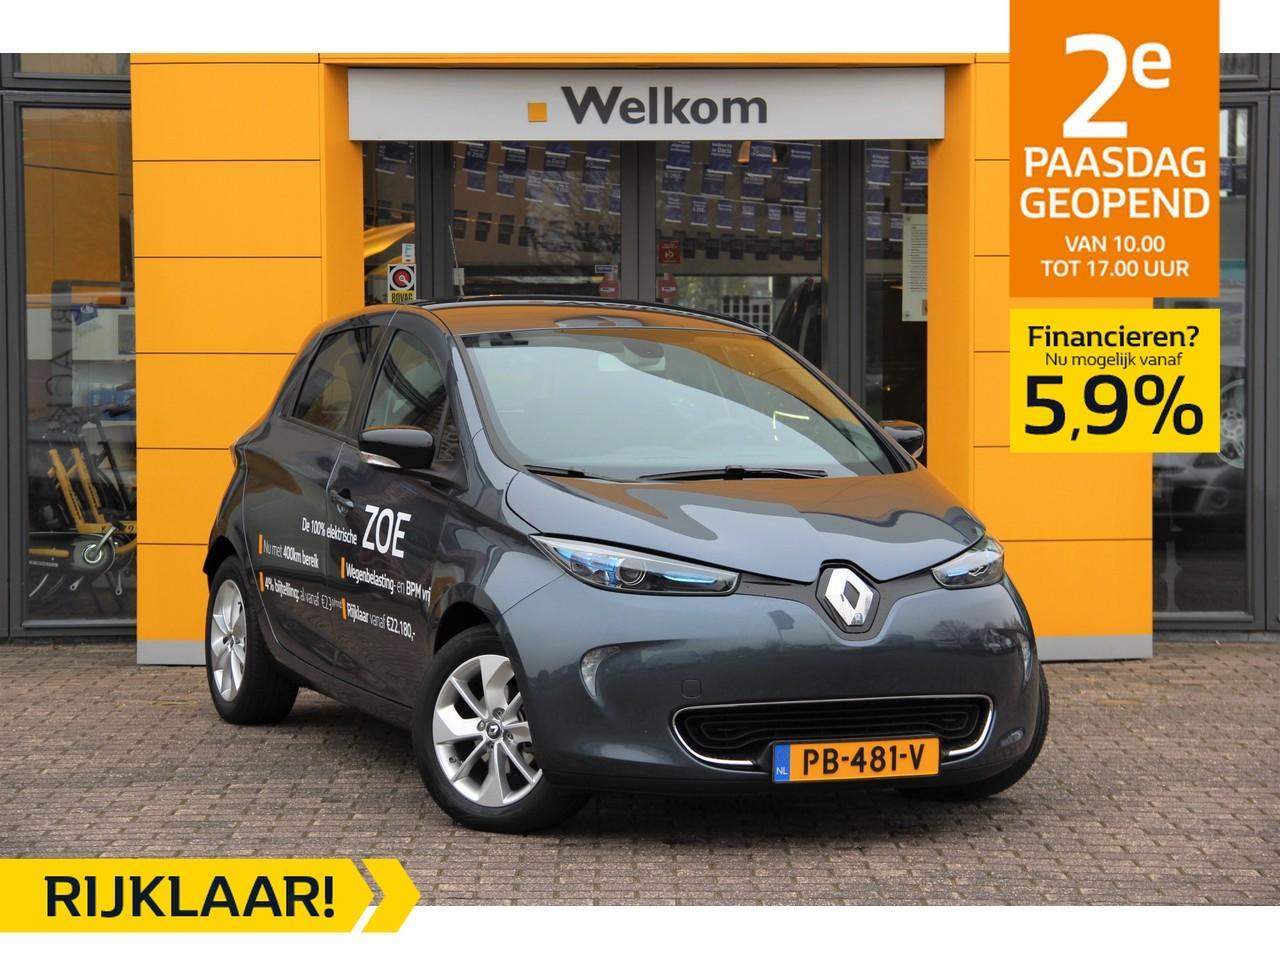 Renault Zoe Q90 intens quickcharge z.e. 40 rijklaar